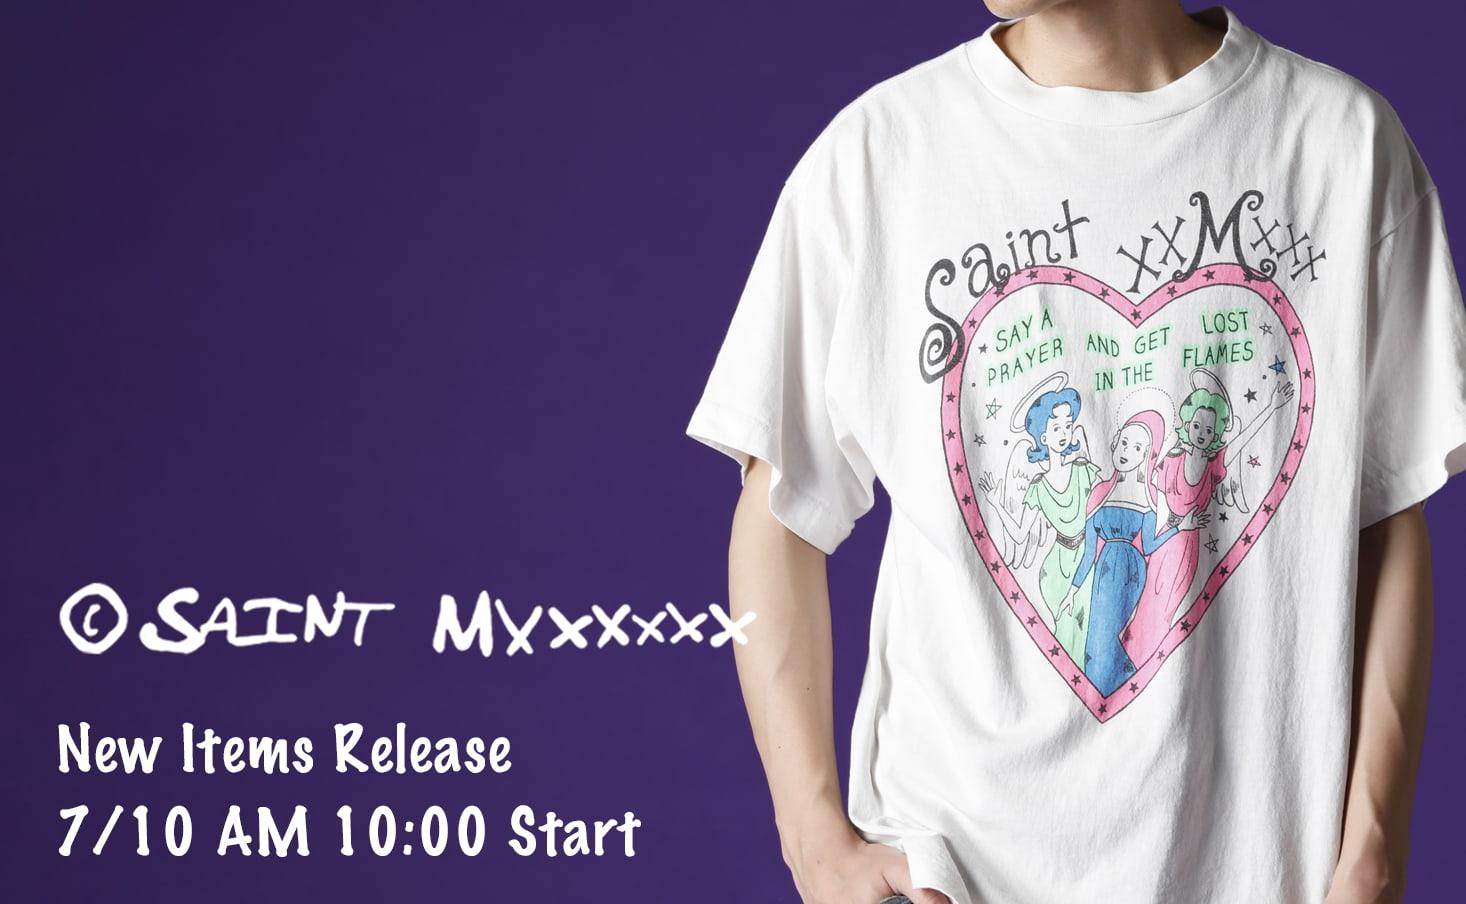 SAINT M××××××(セントマイケル) 2021-21AWコレクション 1st Drop Item 7/10(土) 正午10時より販売開始!